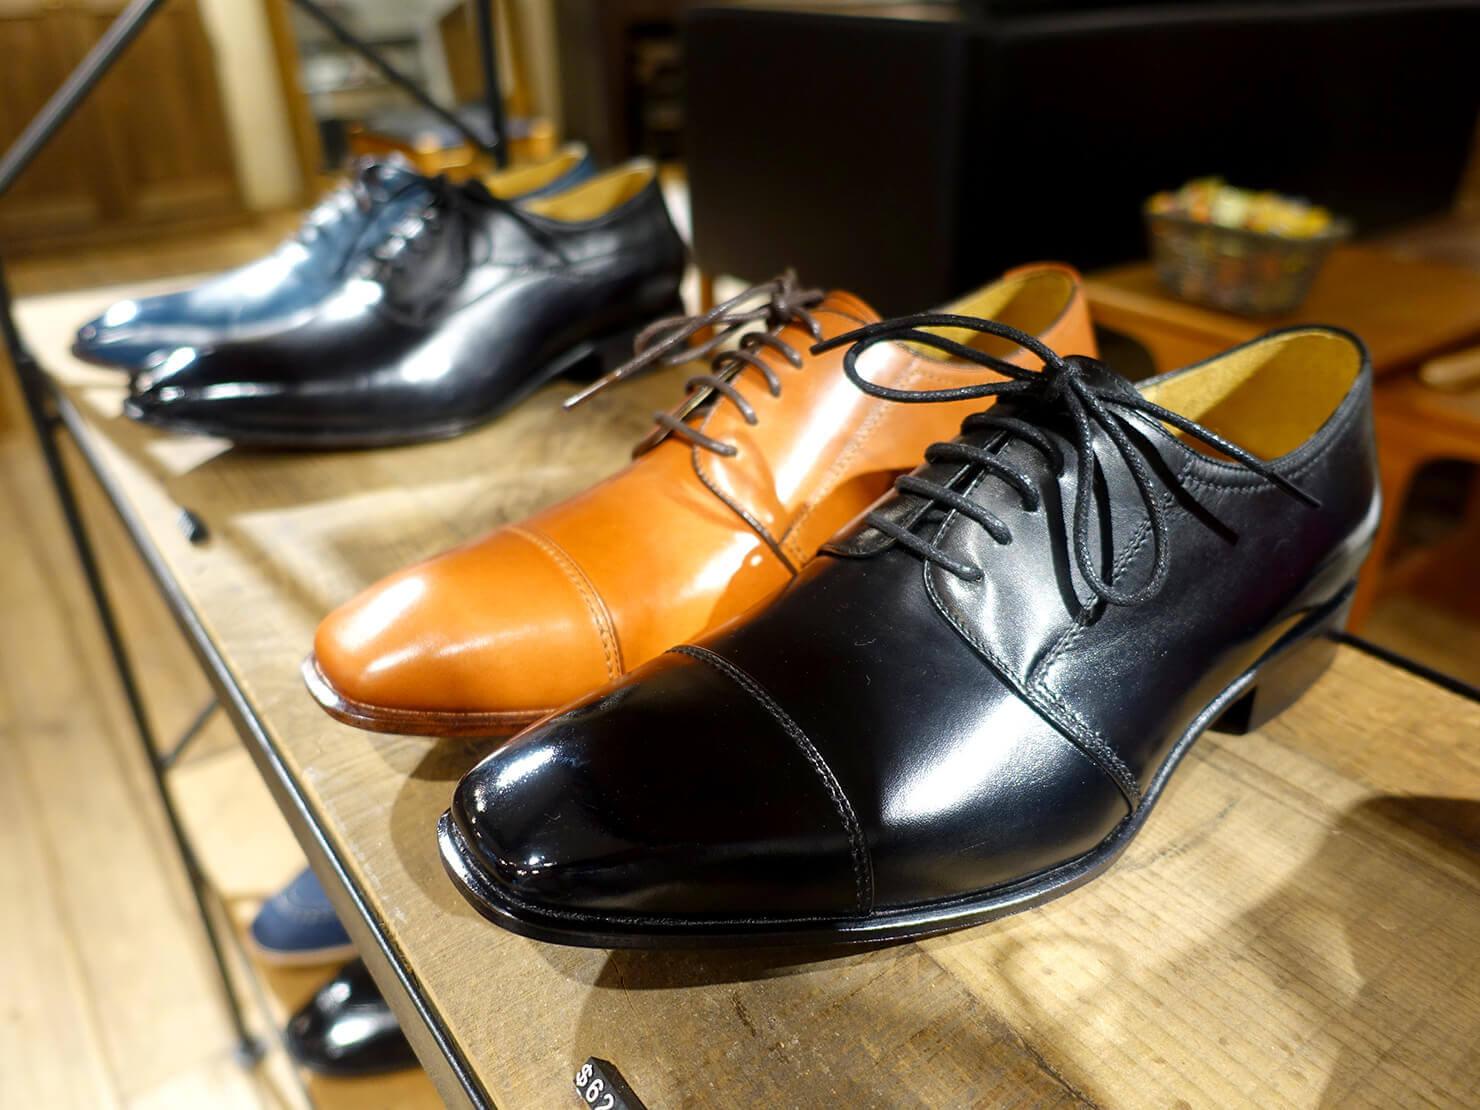 台湾のおすすめ革靴ブランド「林果良品 ORINGO」台北東門店に並ぶメンズの德比鞋(ダービー・シューズ)